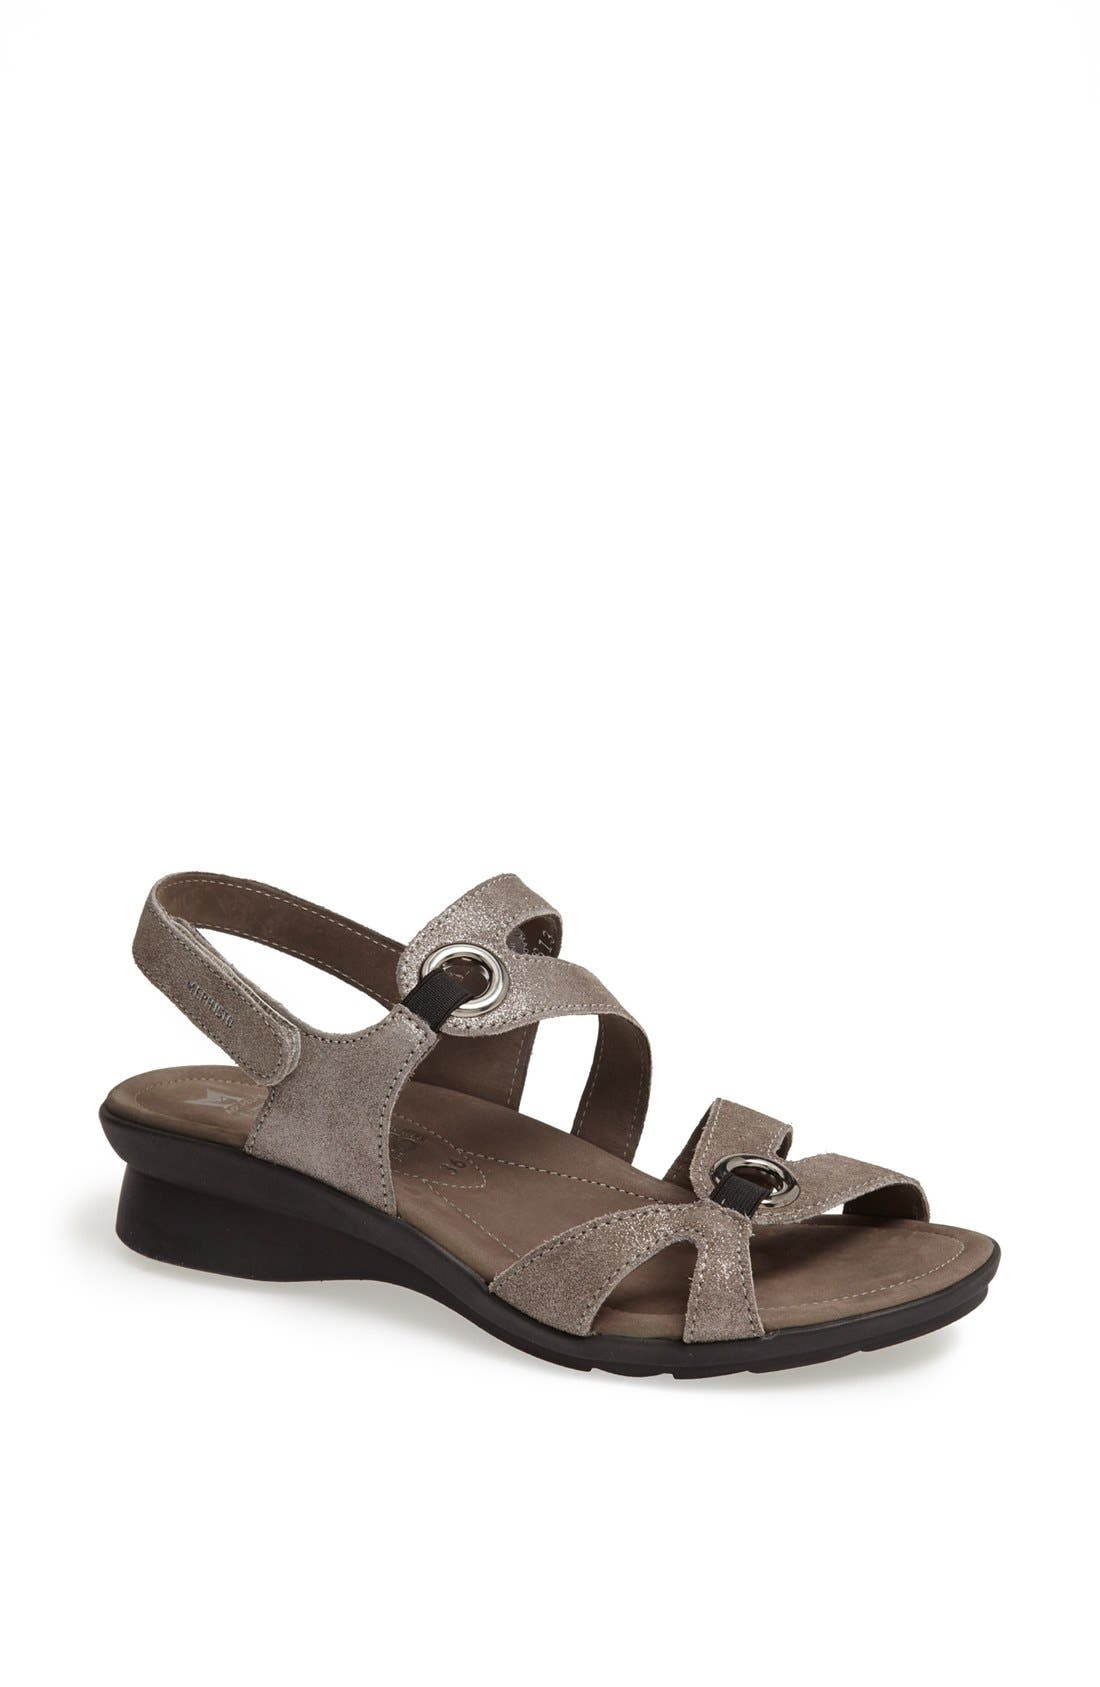 Alternate Image 1 Selected - Mephisto 'Parfolia' Sandal